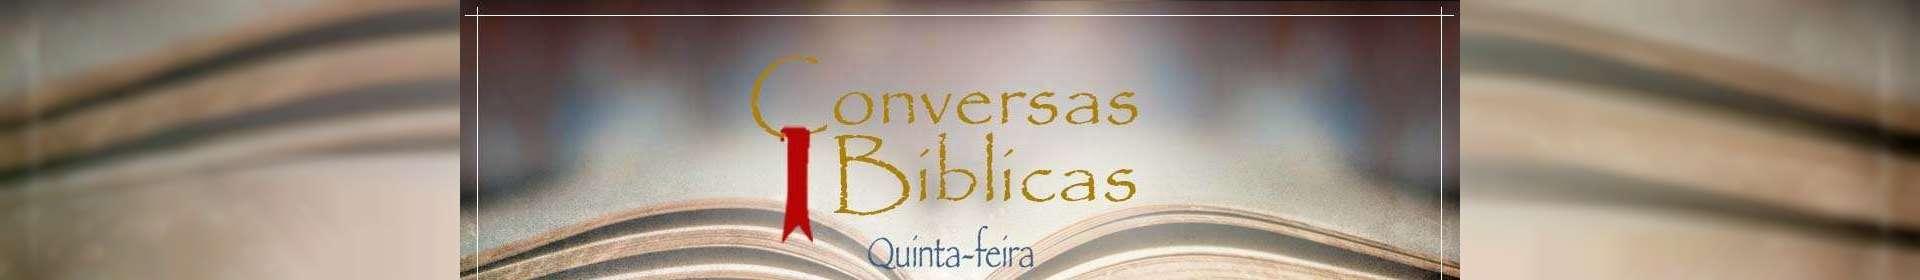 Conversas Bíblicas: Pecado Original - Parte 1